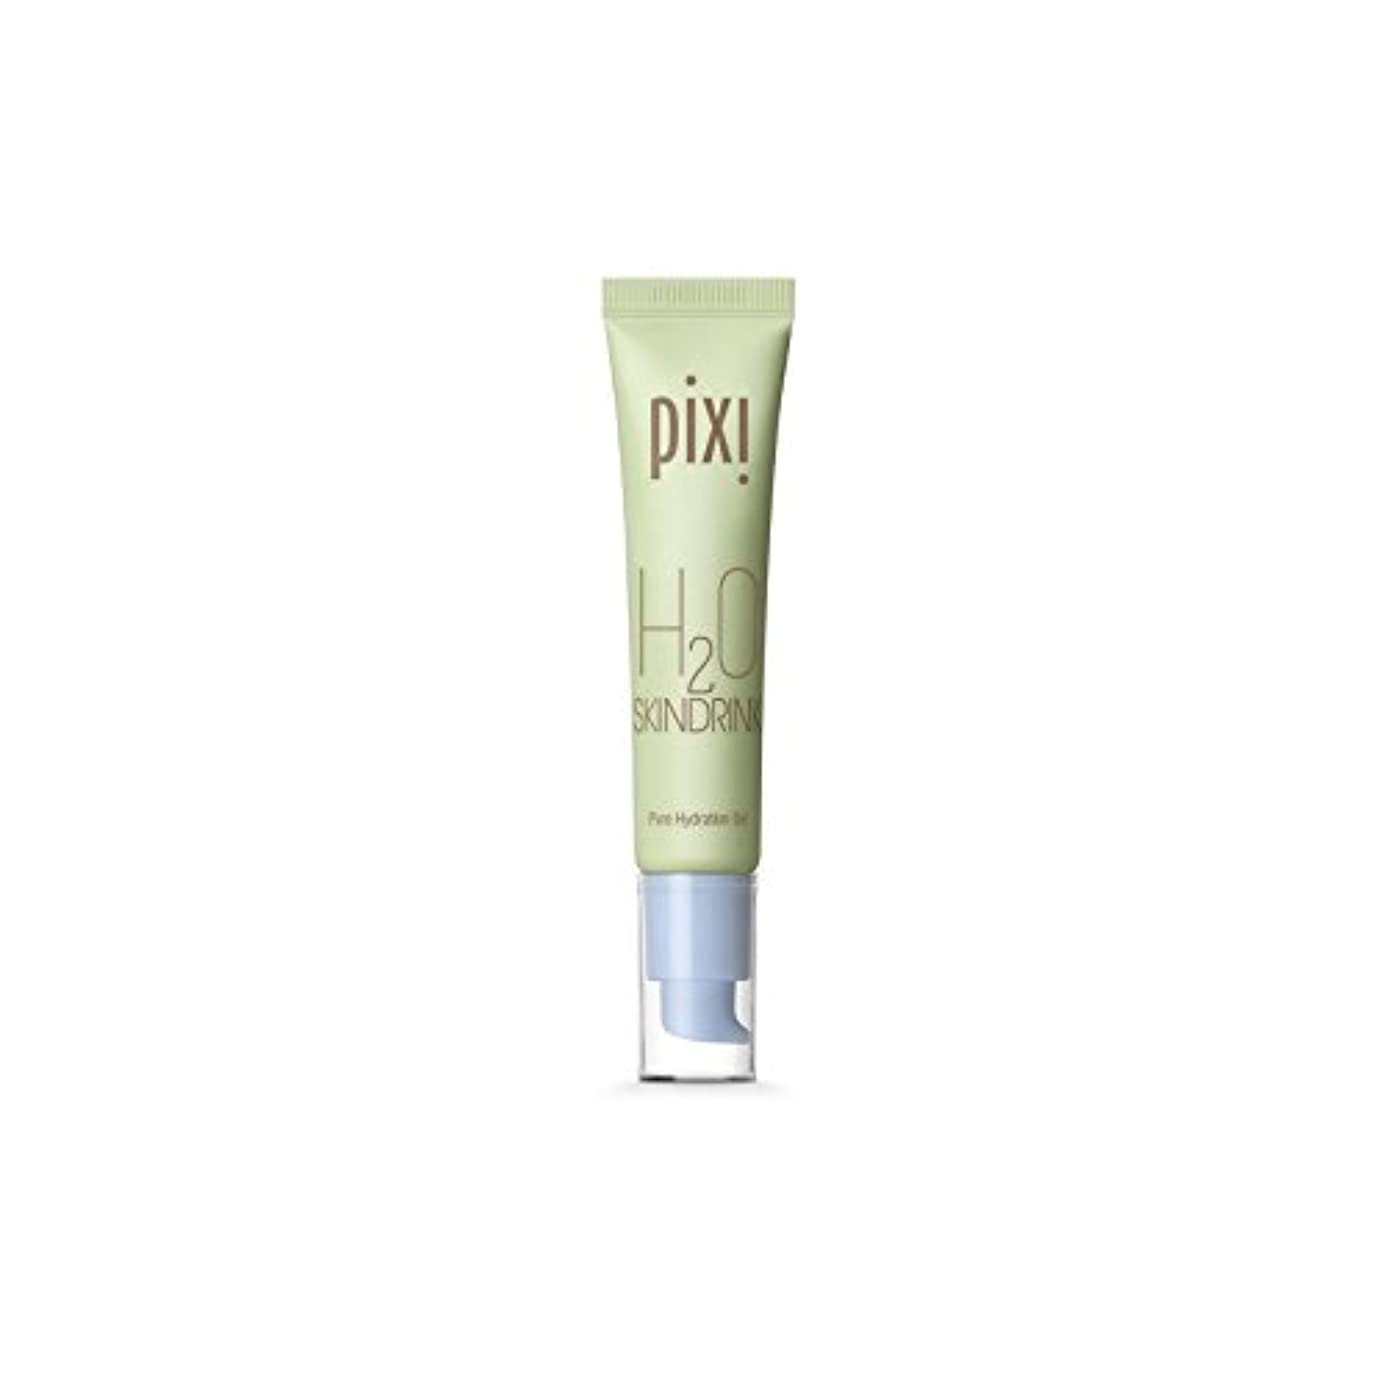 実験をする転送直接Pixi H20 Skin Drink - 20スキンドリンク [並行輸入品]